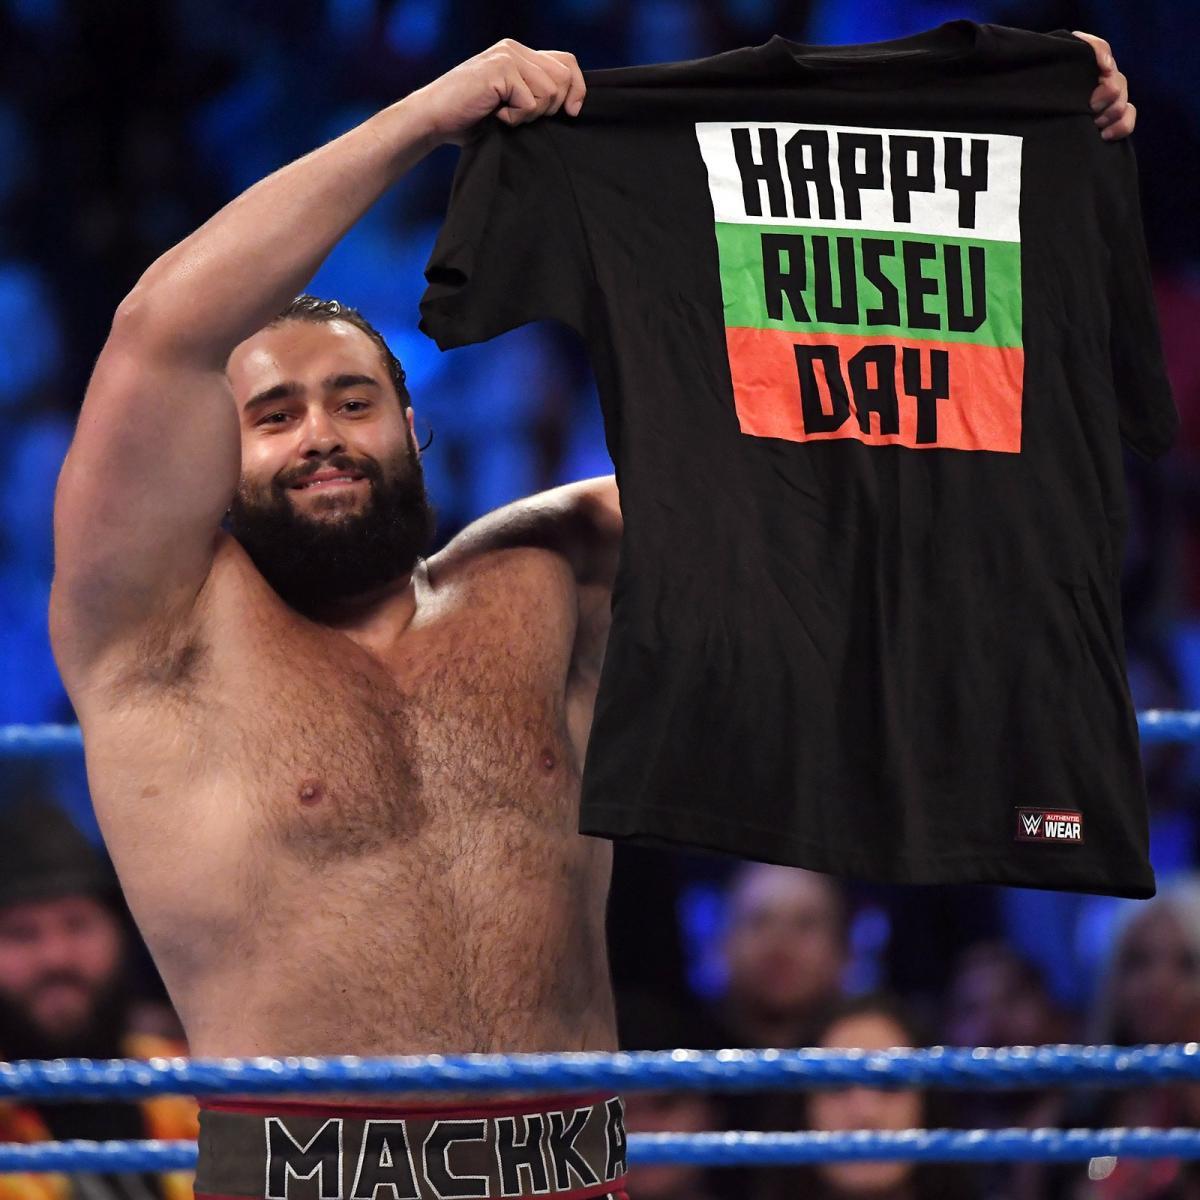 Почему Русев был добавлен в матч за титул чемпиона США?